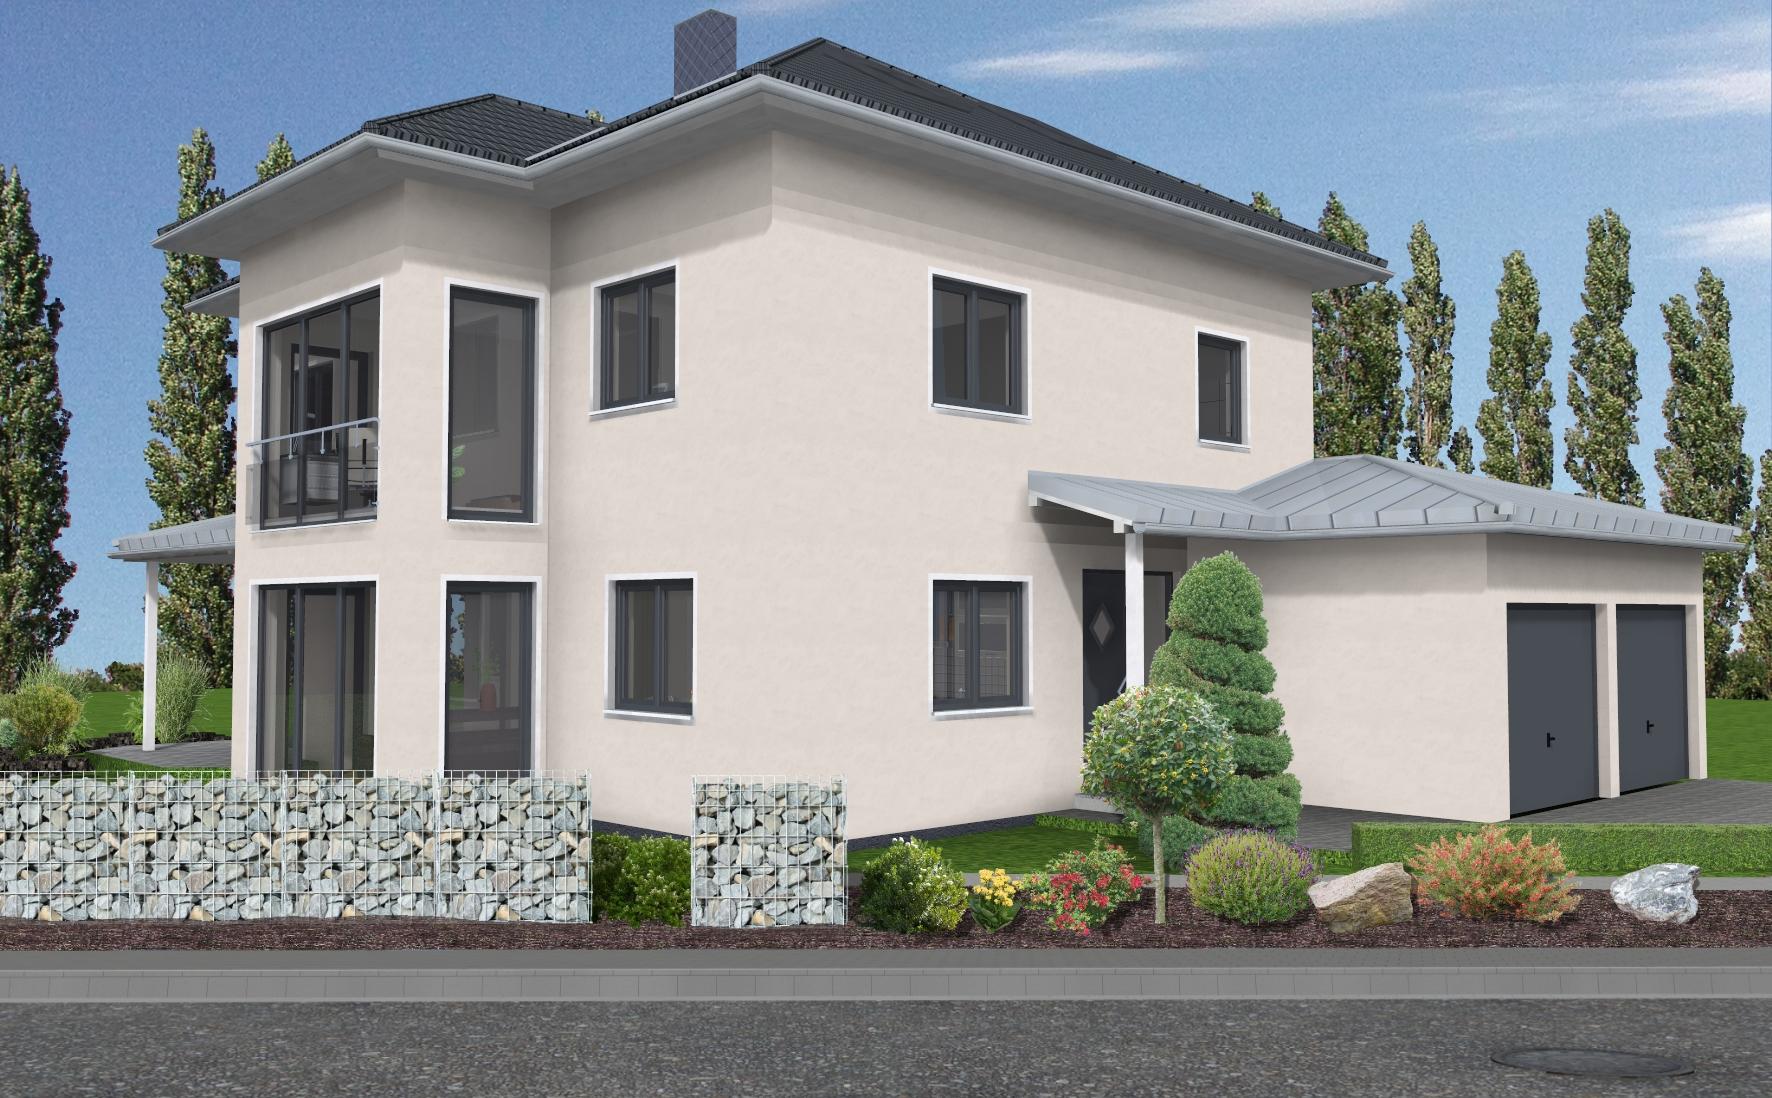 einfamilienhaus 1 110 wapelhorst planen und bauen. Black Bedroom Furniture Sets. Home Design Ideas